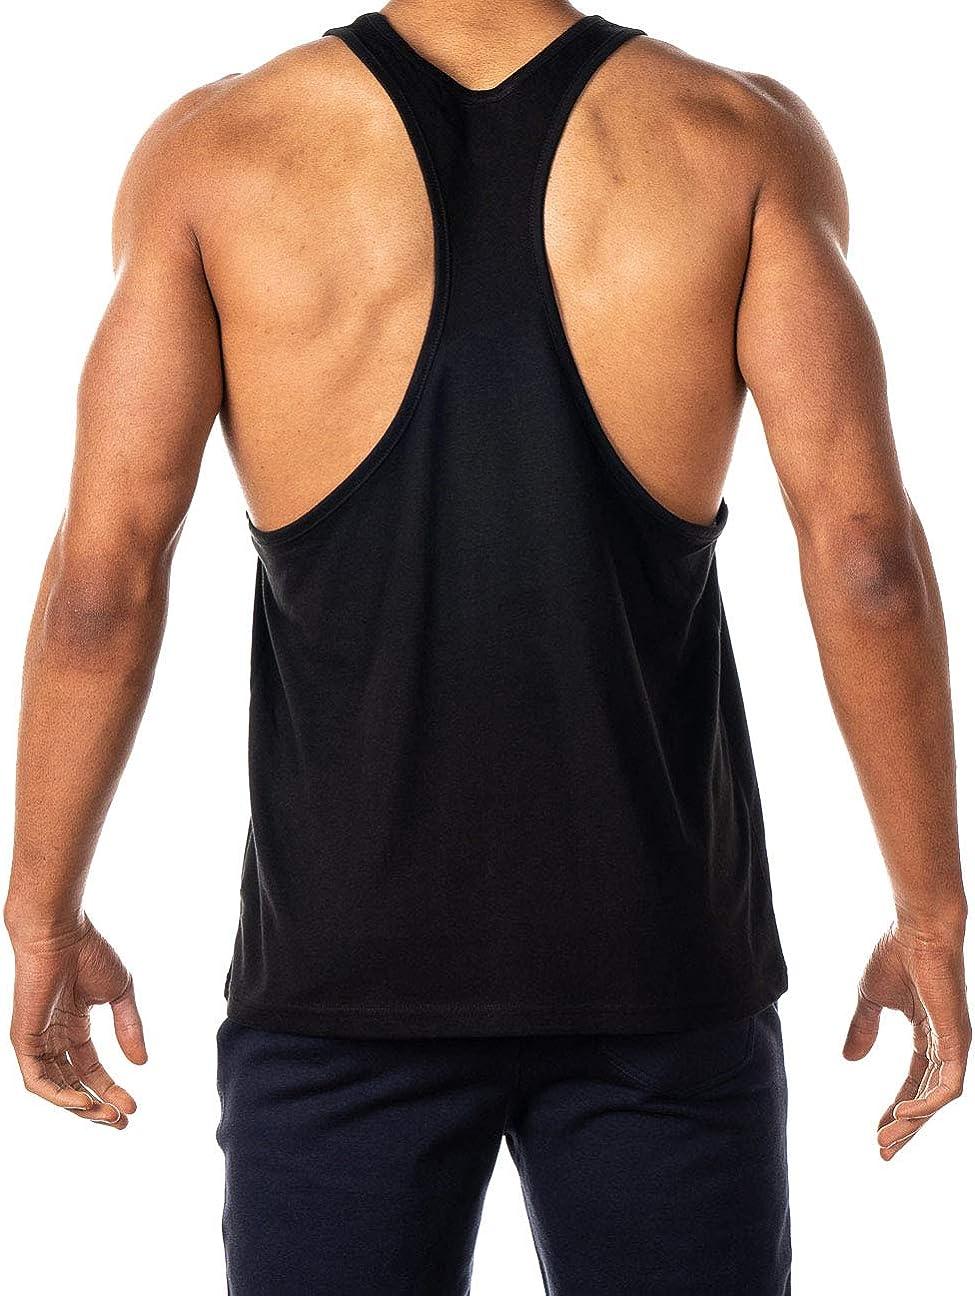 Raise The Bar Stringer Bodybuilding Muscle Vest Tank Top Gym GYMTIER Mens